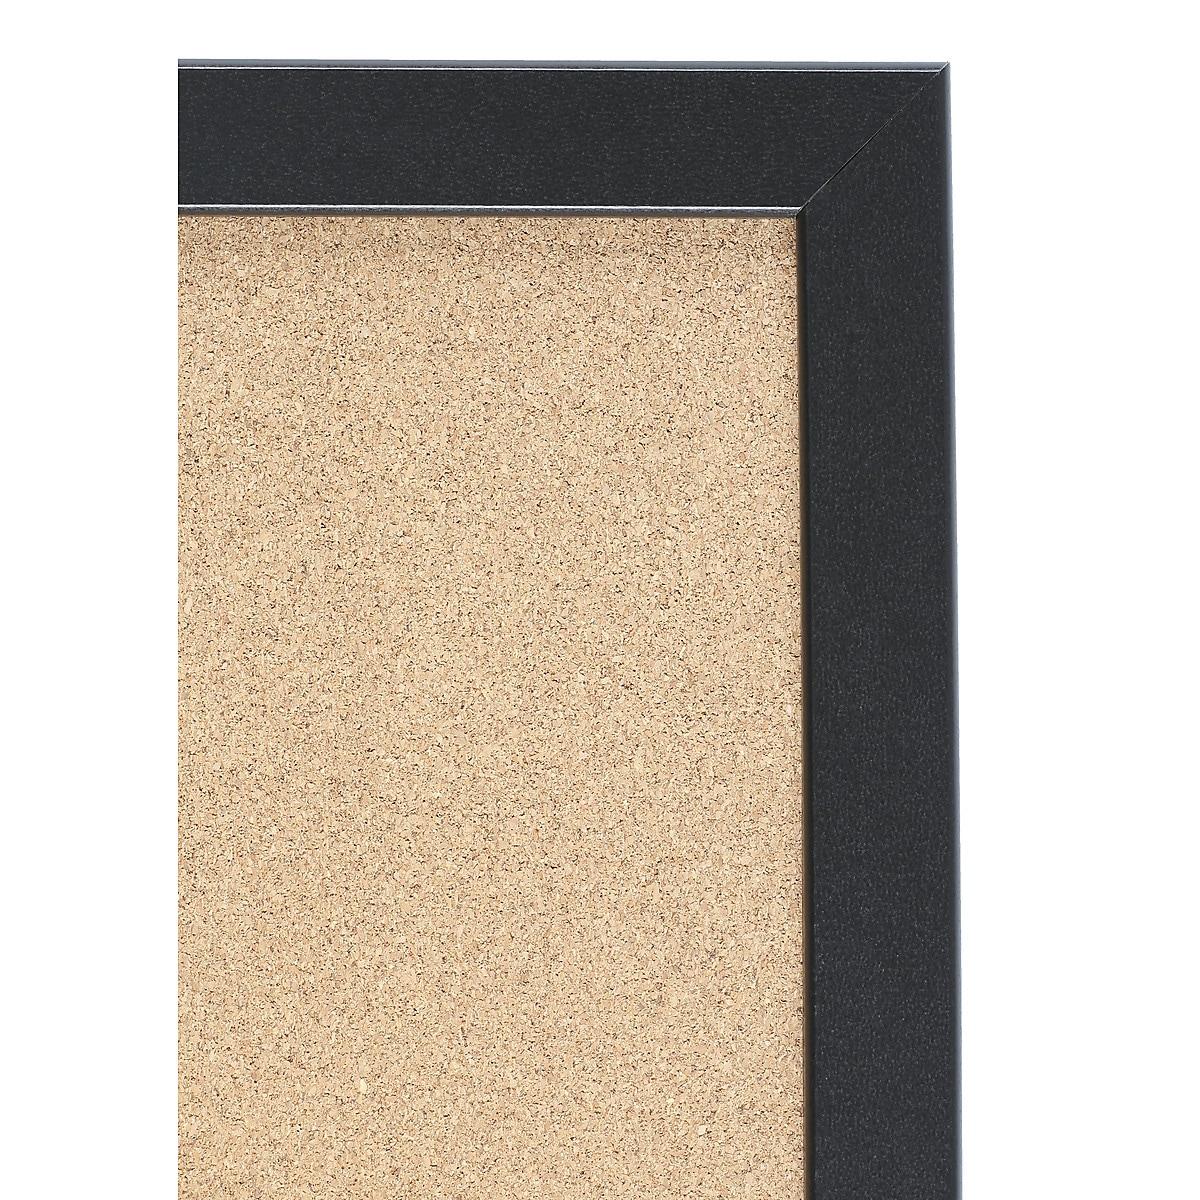 Oppslagstavle kork, 58,5 x 43 cm